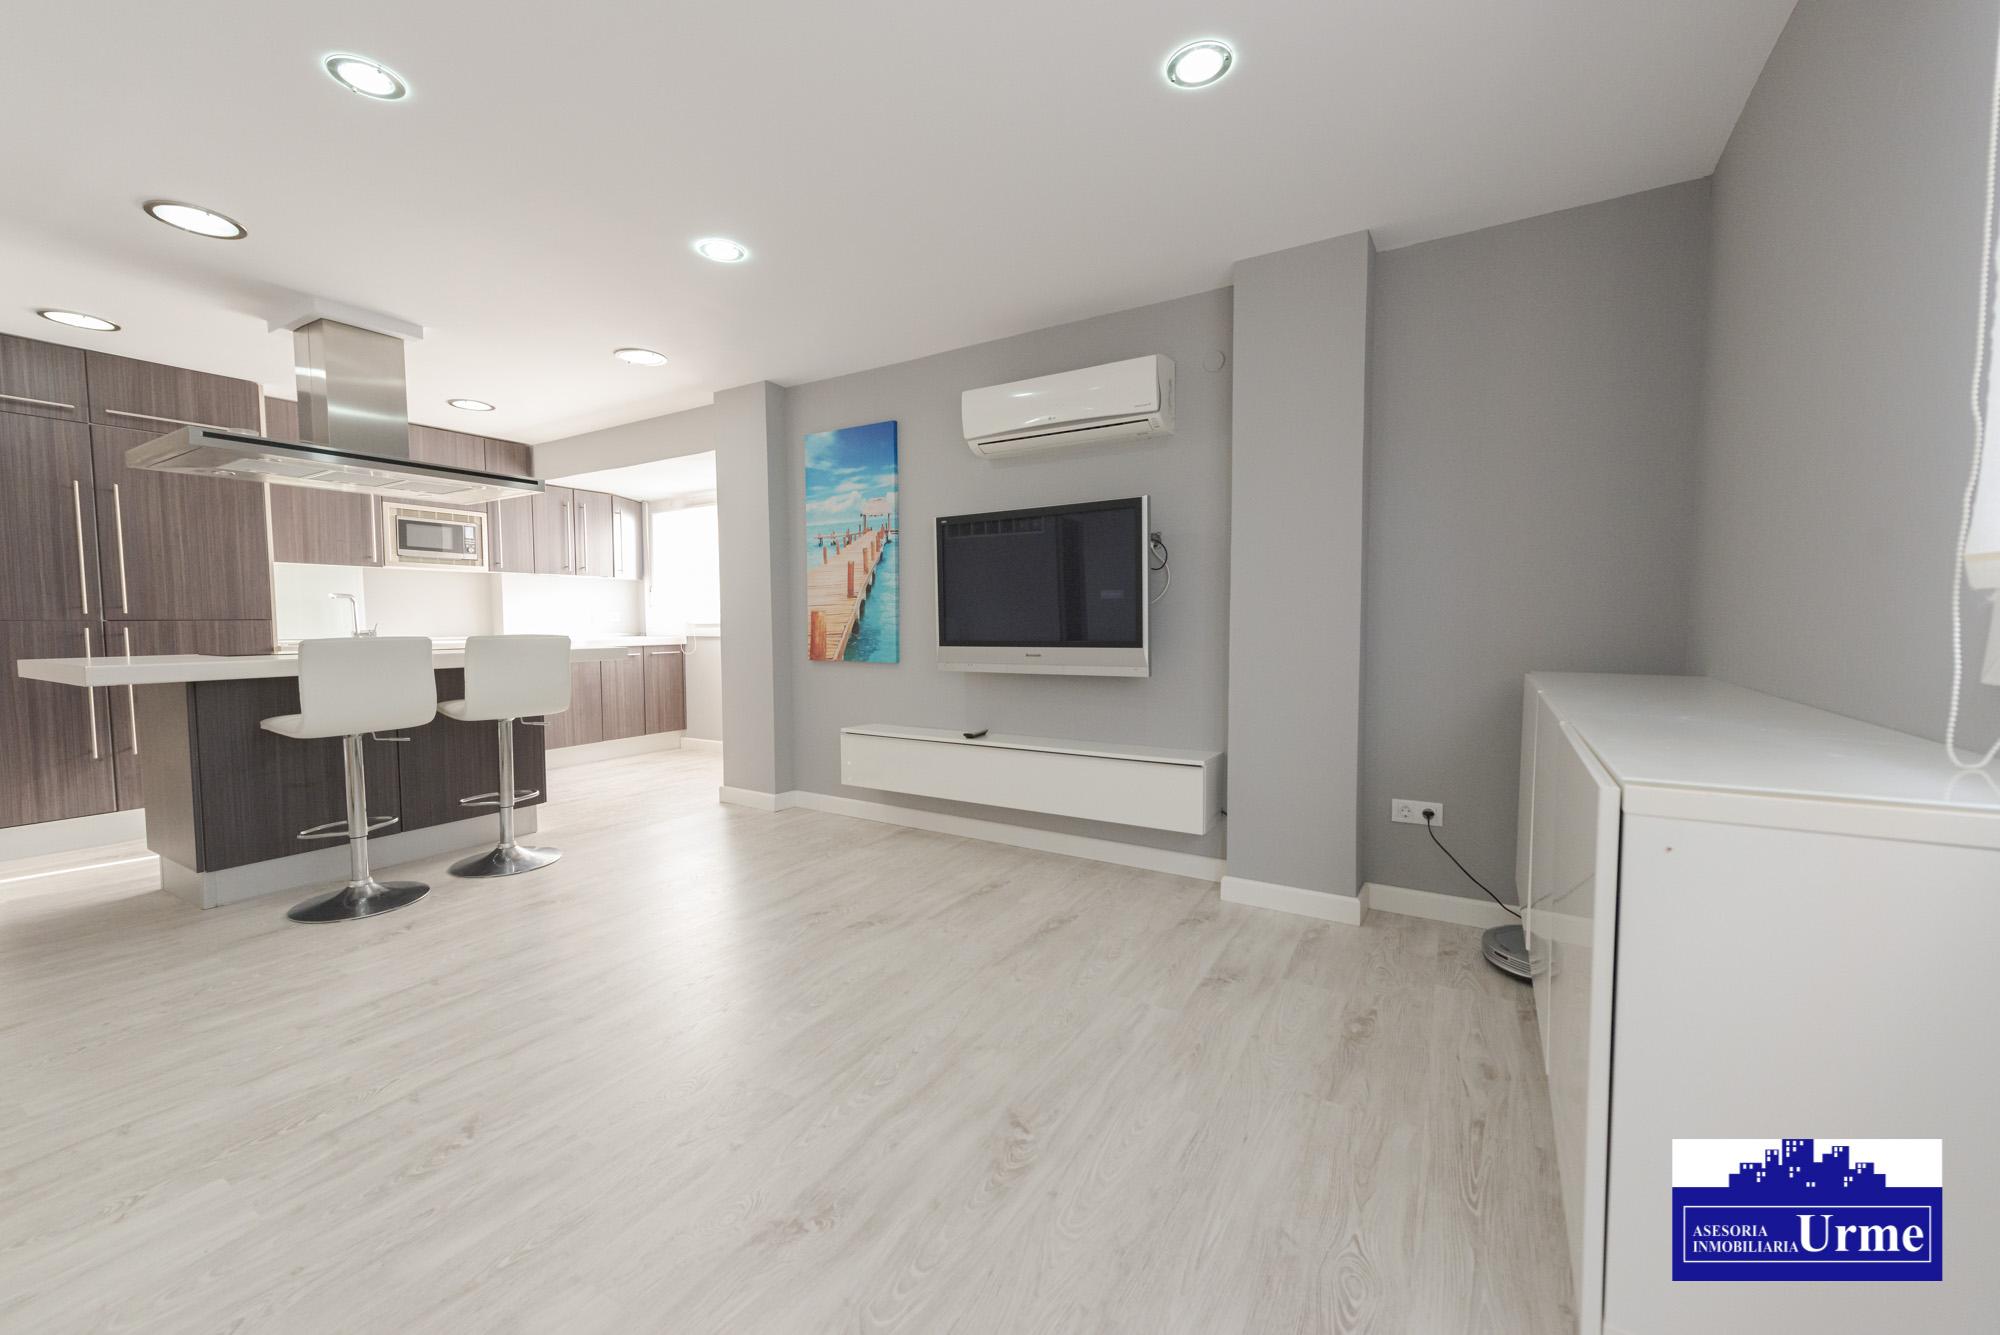 Nueva Promocion!!Residencial Recondo, con piscina y zonas verdes!!2 habitaciones, salon de 27m2,cocina equipada,terraza de 11m2,dos baños!!Te lo vas a perder?Informate en nuestras oficinas de Irun Paseo Colon 27.